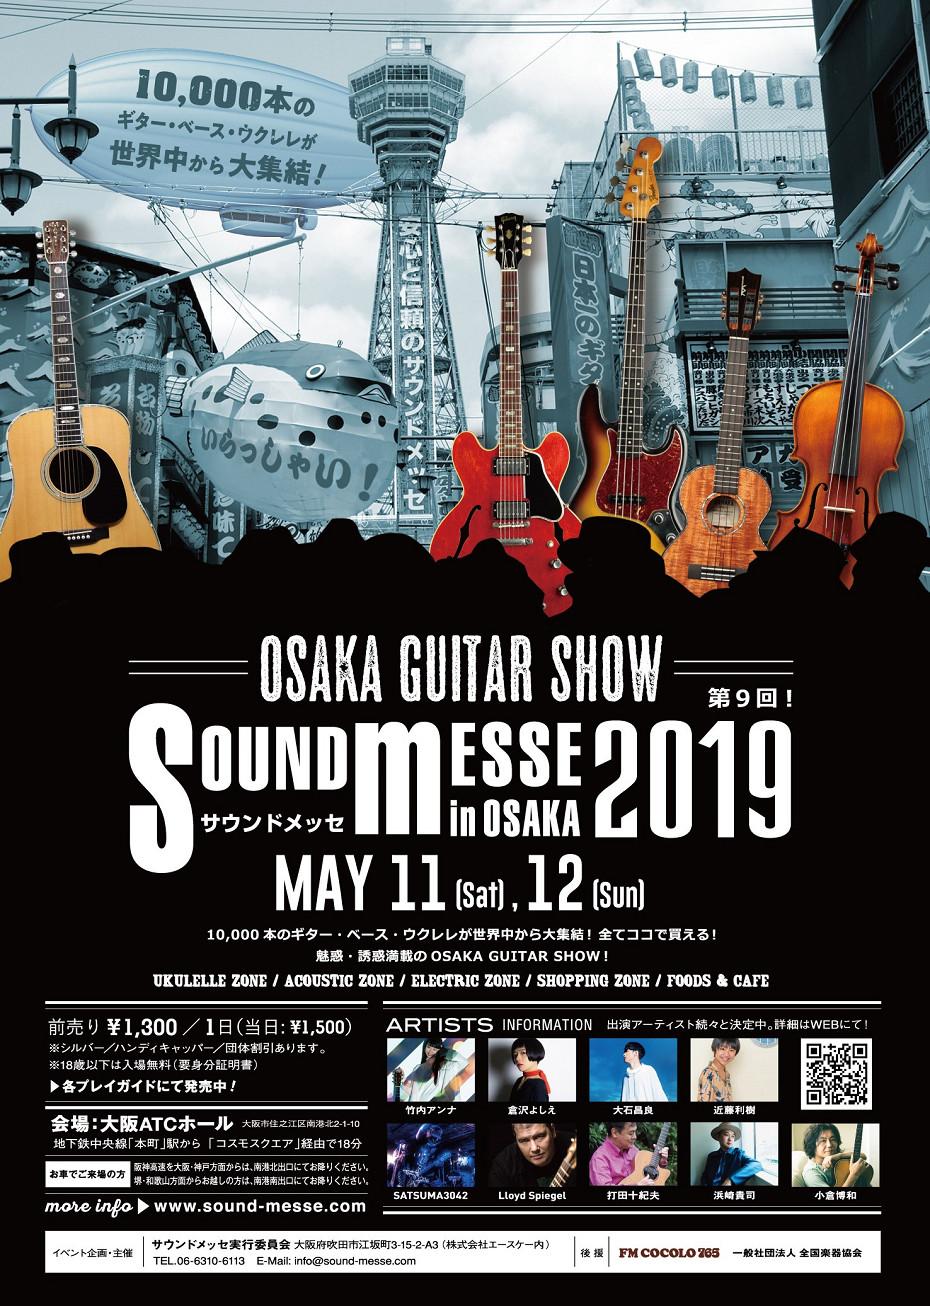 サウンドメッセ,大阪,2019,soundmesse